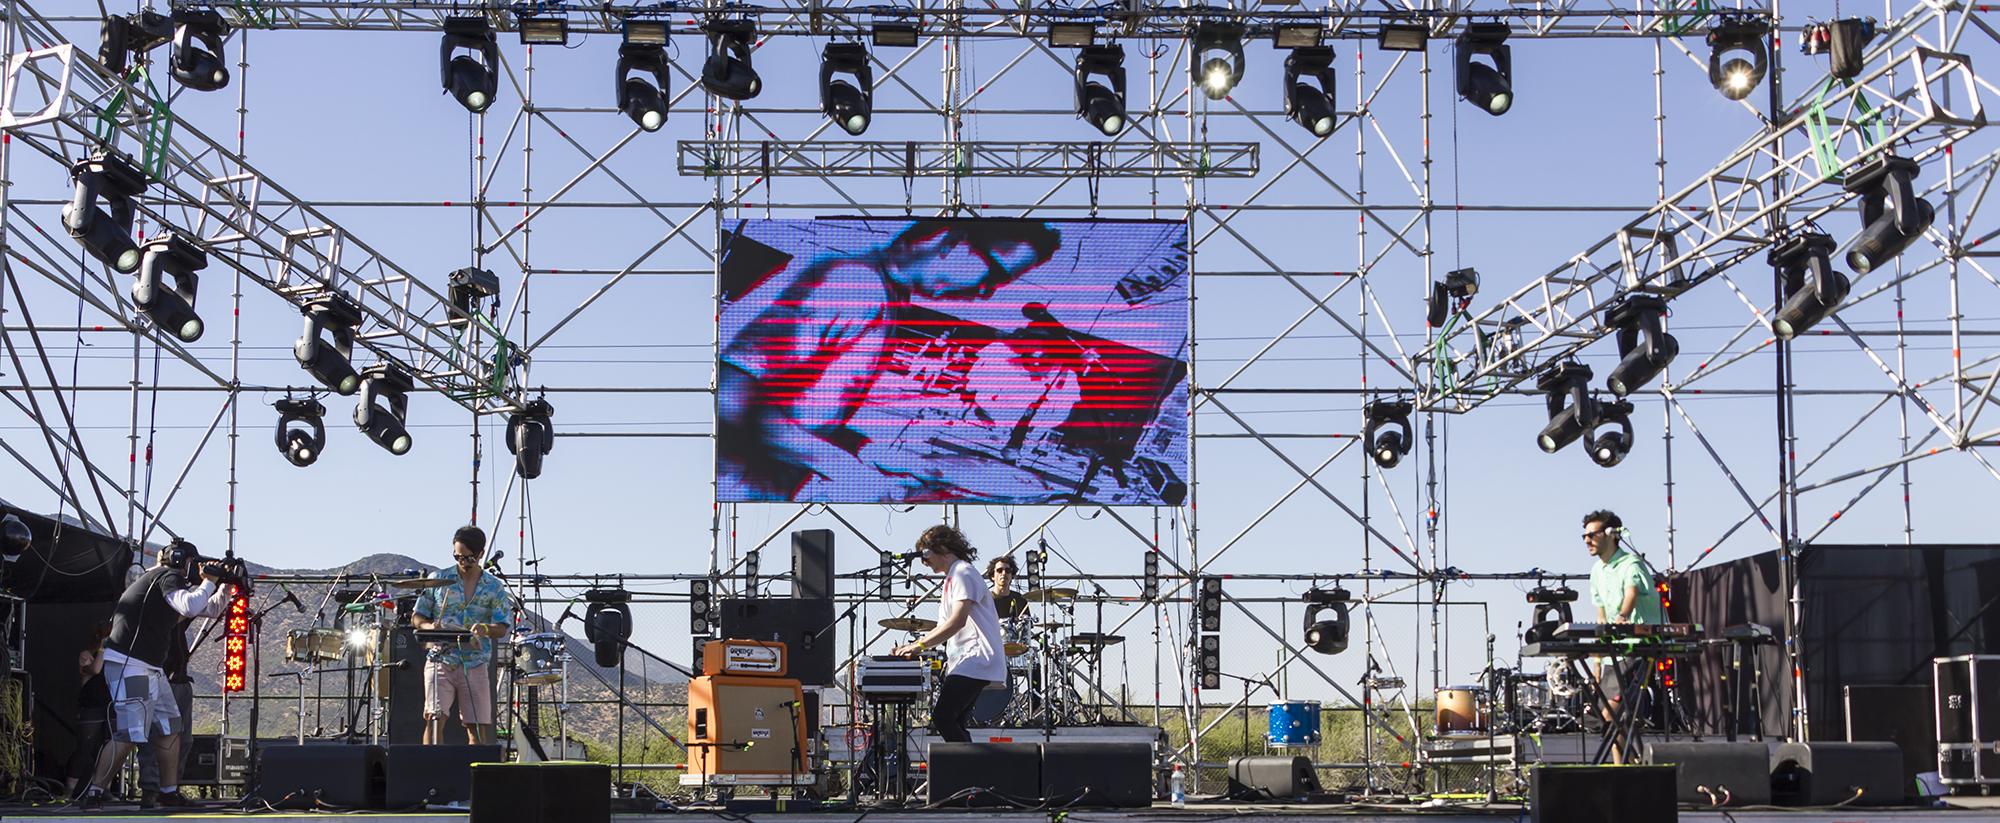 Astro_-_Festival_Primavera_Fauna_2011